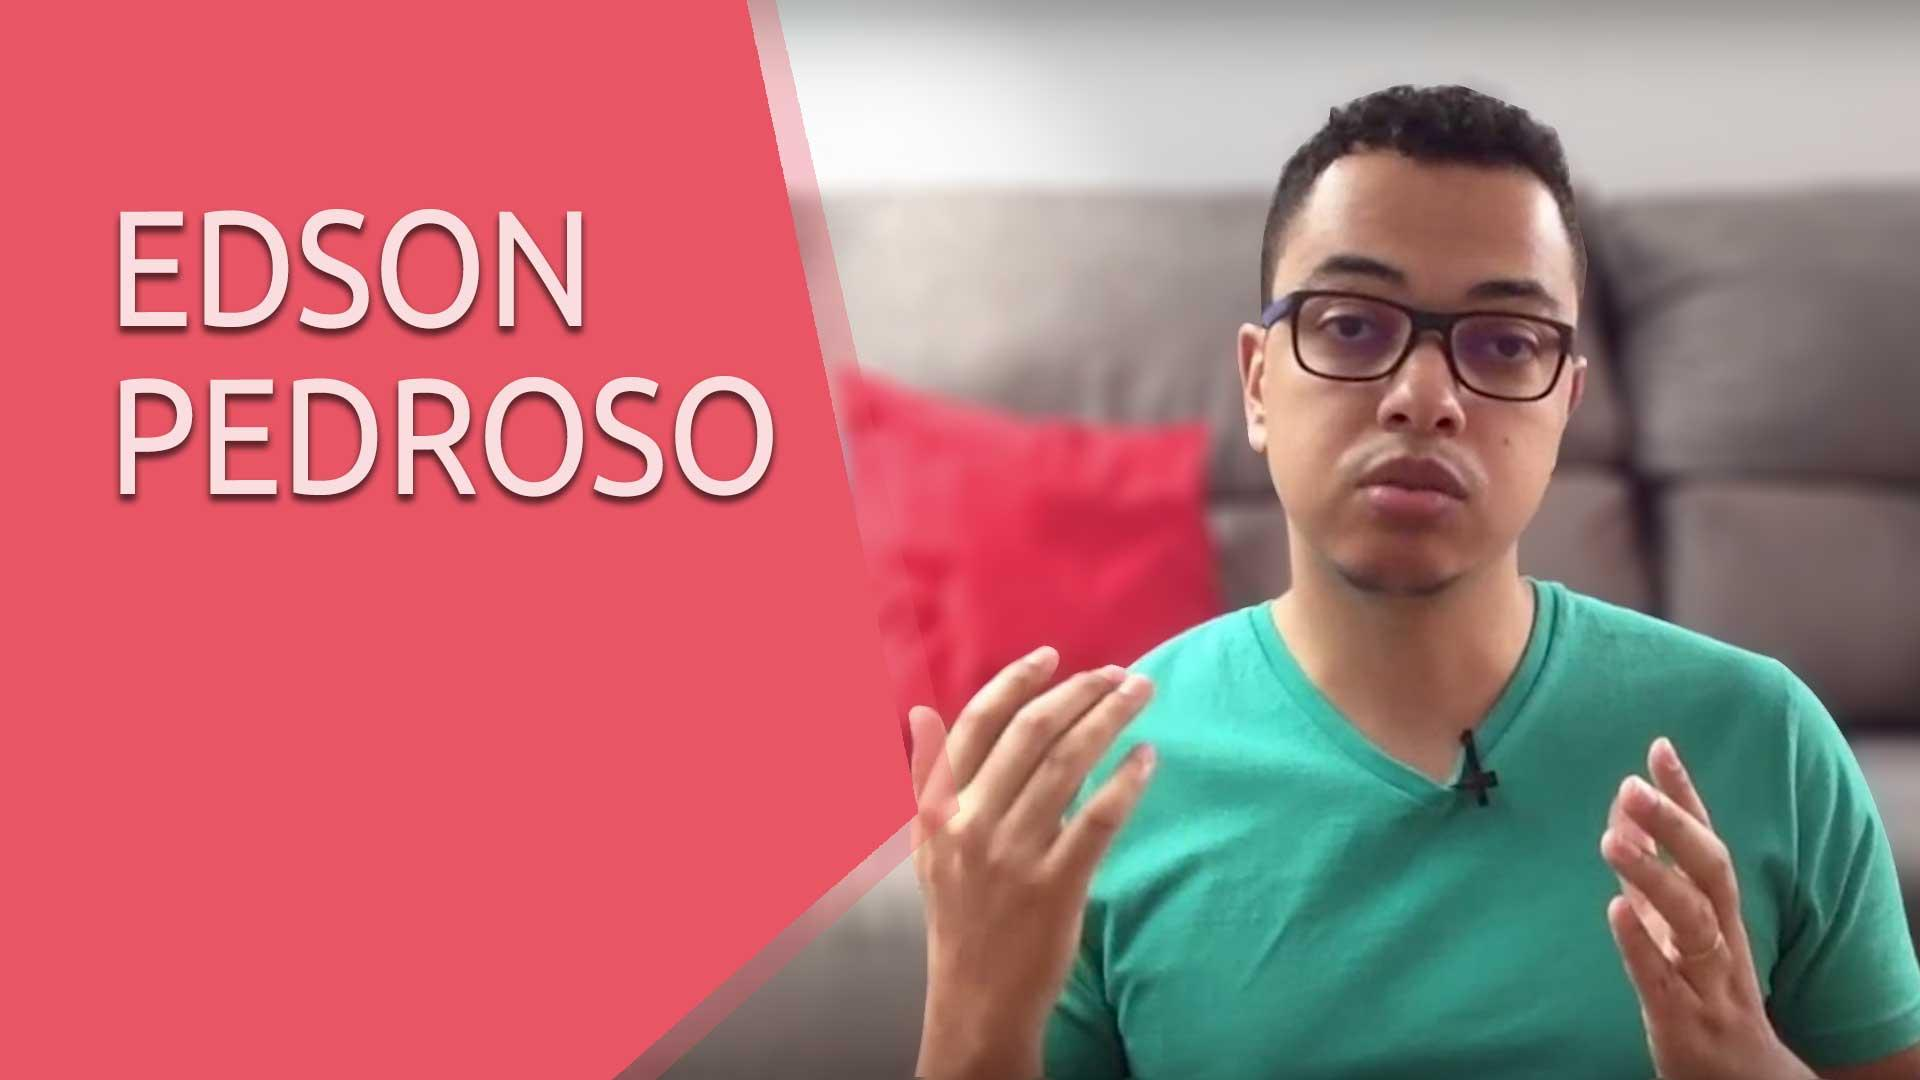 Veja o que o Edson Pedroso tem a dizer sobre a UpInside - Depoimento